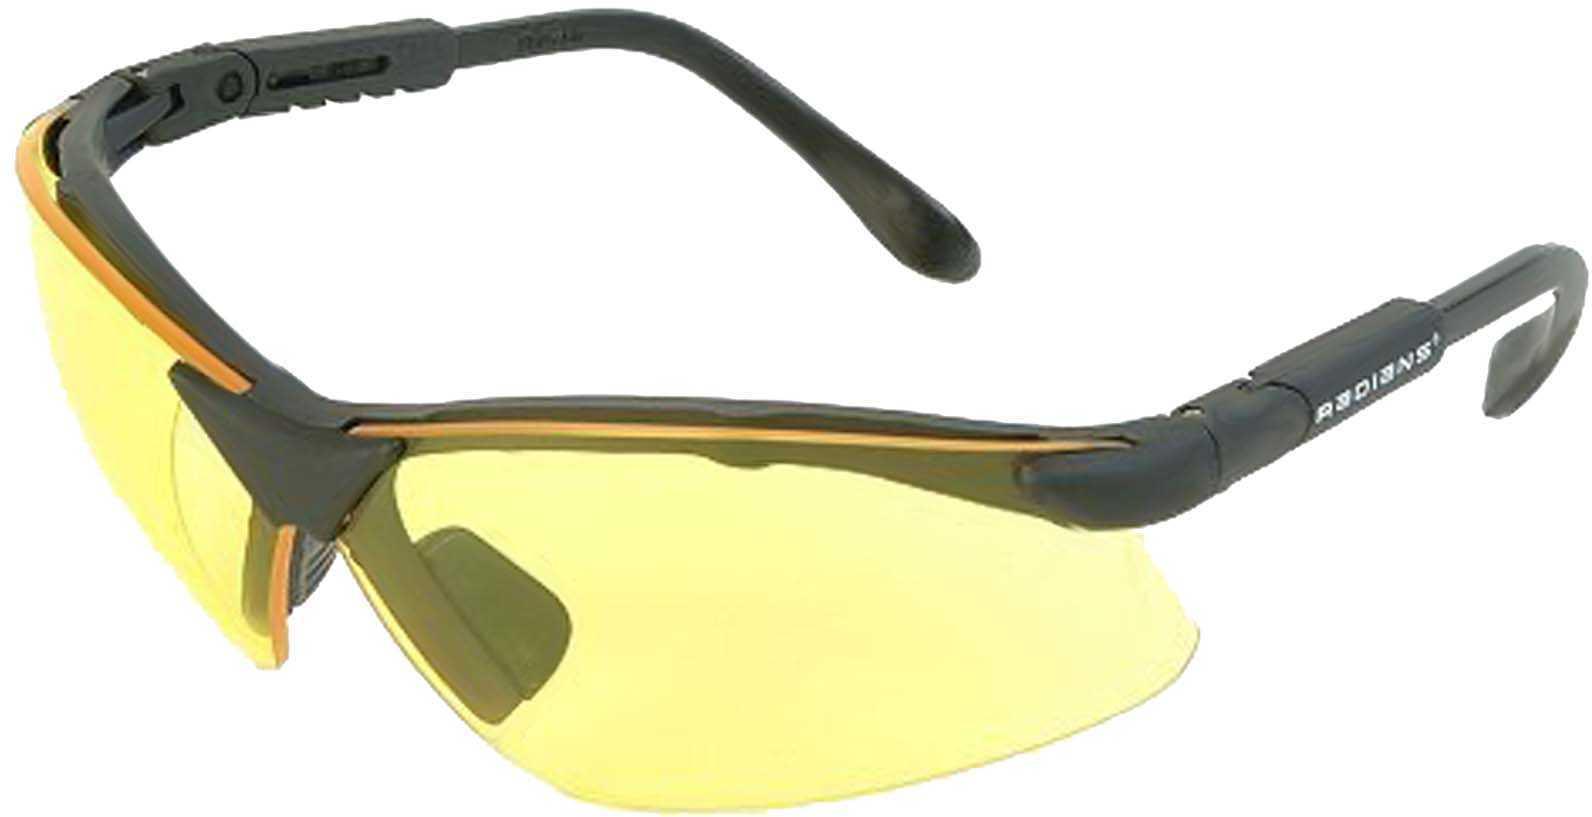 Radians Revelation Glasses Amber Yellow Lens, Black Frame Md: Rv0140Cs